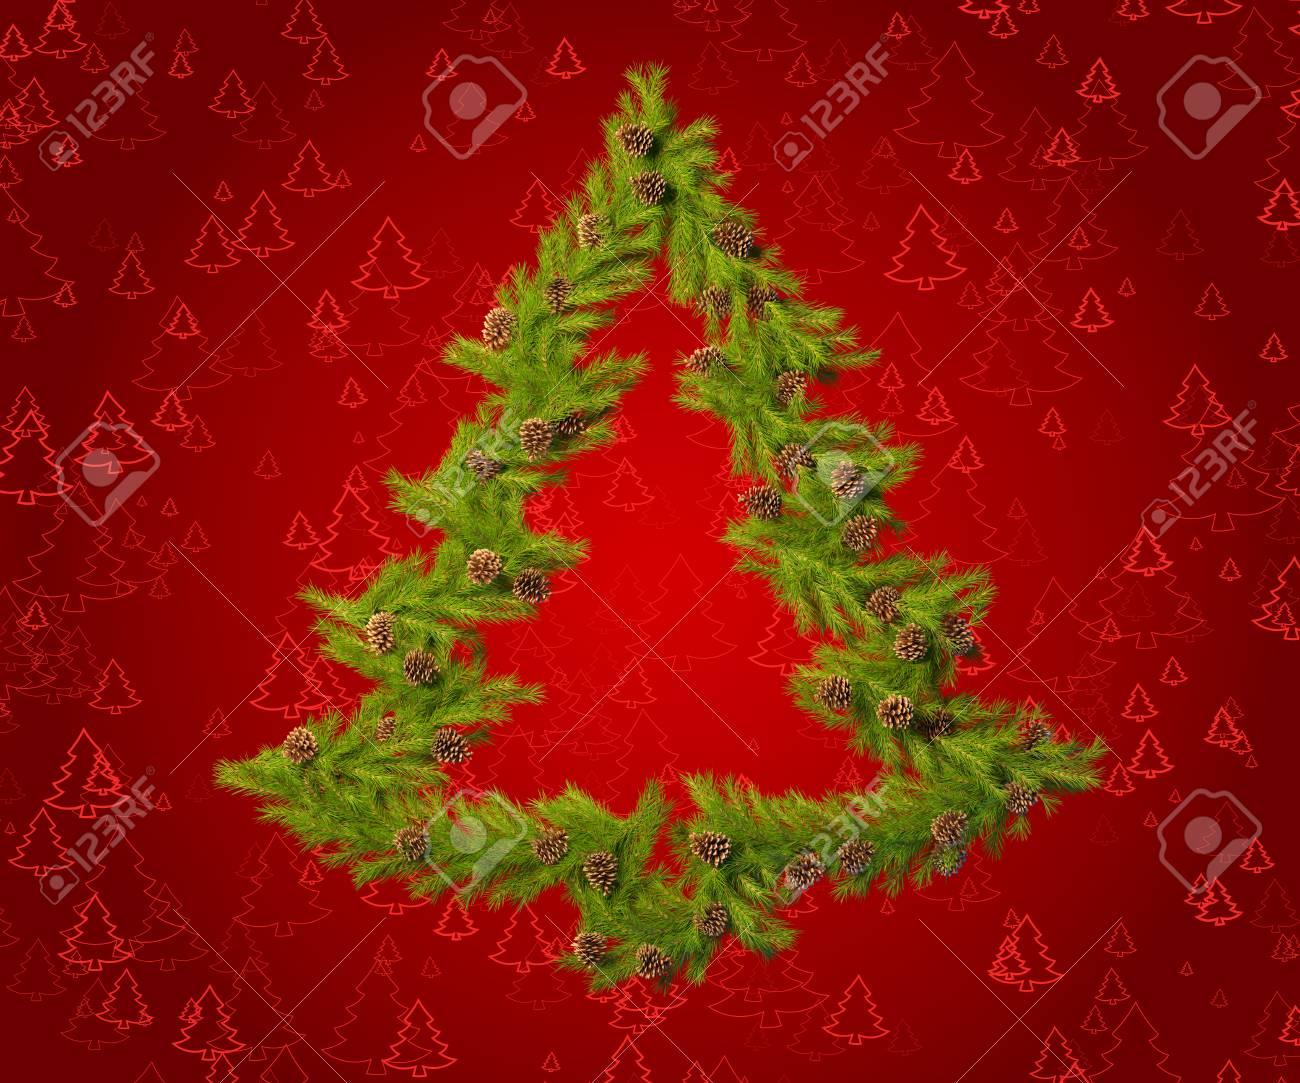 Formas De Decorar En Navidad.Corona De Navidad En La Forma De Un Arbol De Navidad Para Decorar Su Habitacion En La Vispera De Ano Nuevo